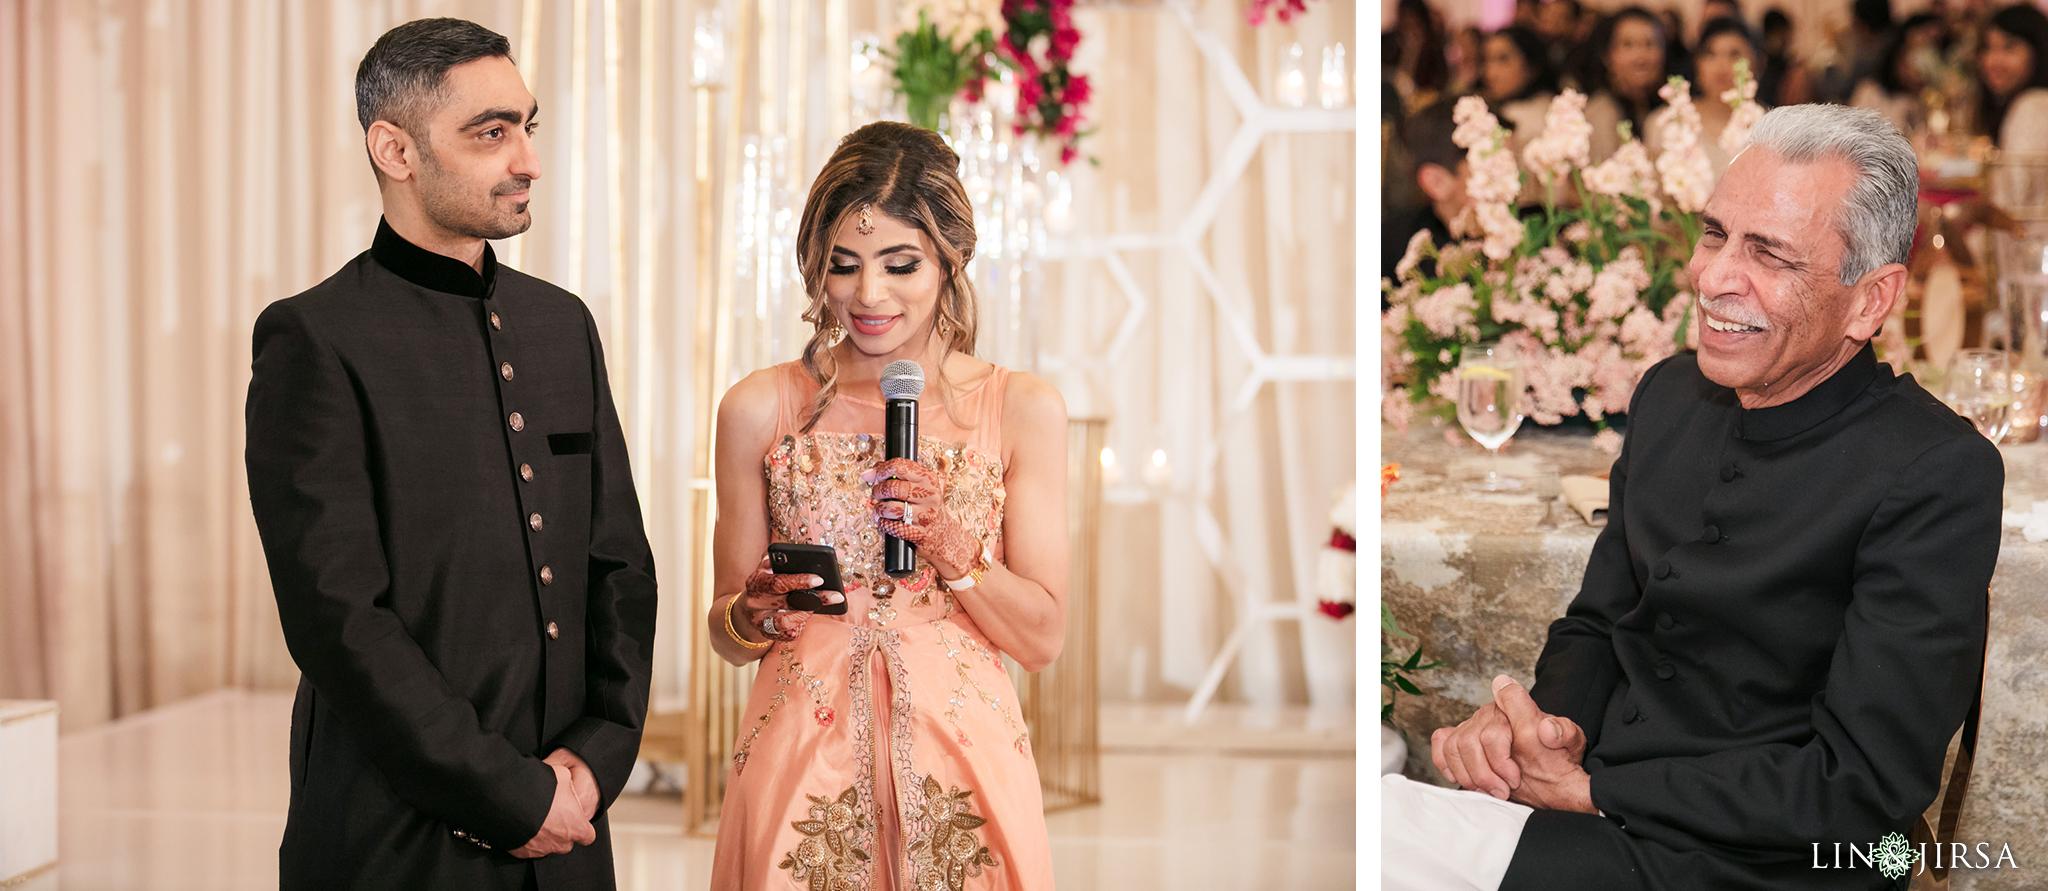 43 Hyatt Regency Garden Grove Pakistani Muslim Wedding Photography